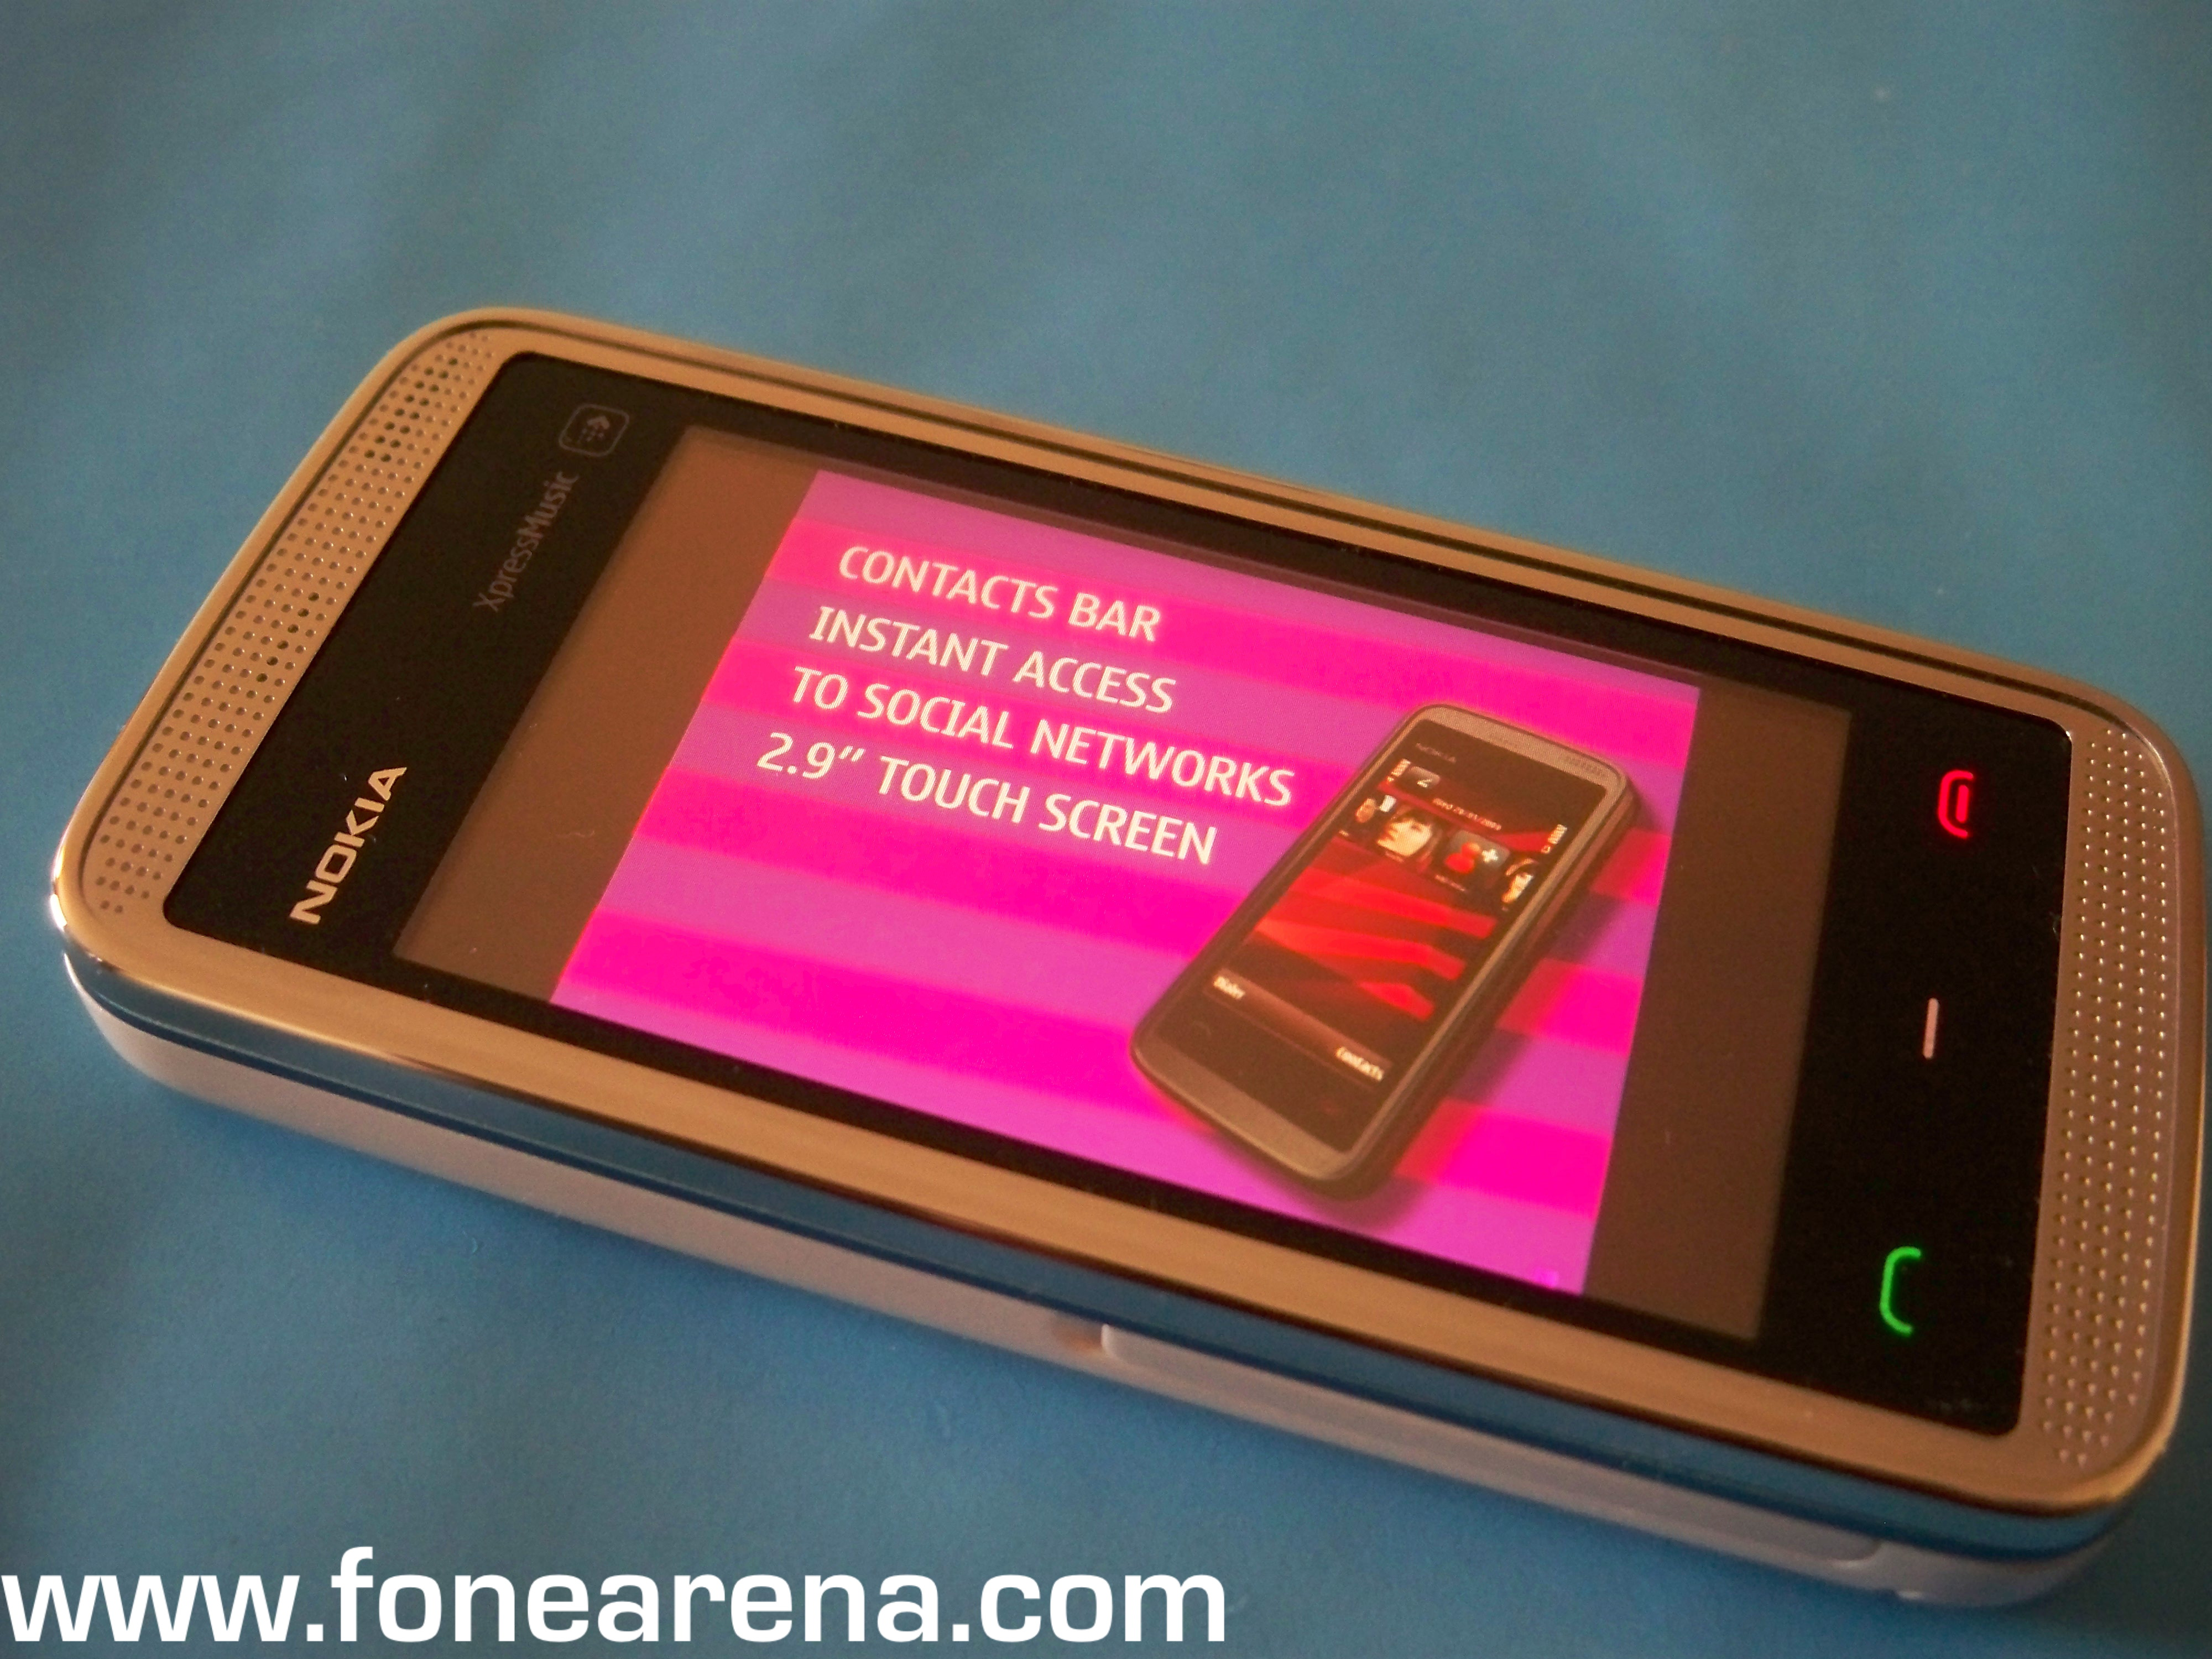 Nokia 5530 XpressMusic Photo Gallery